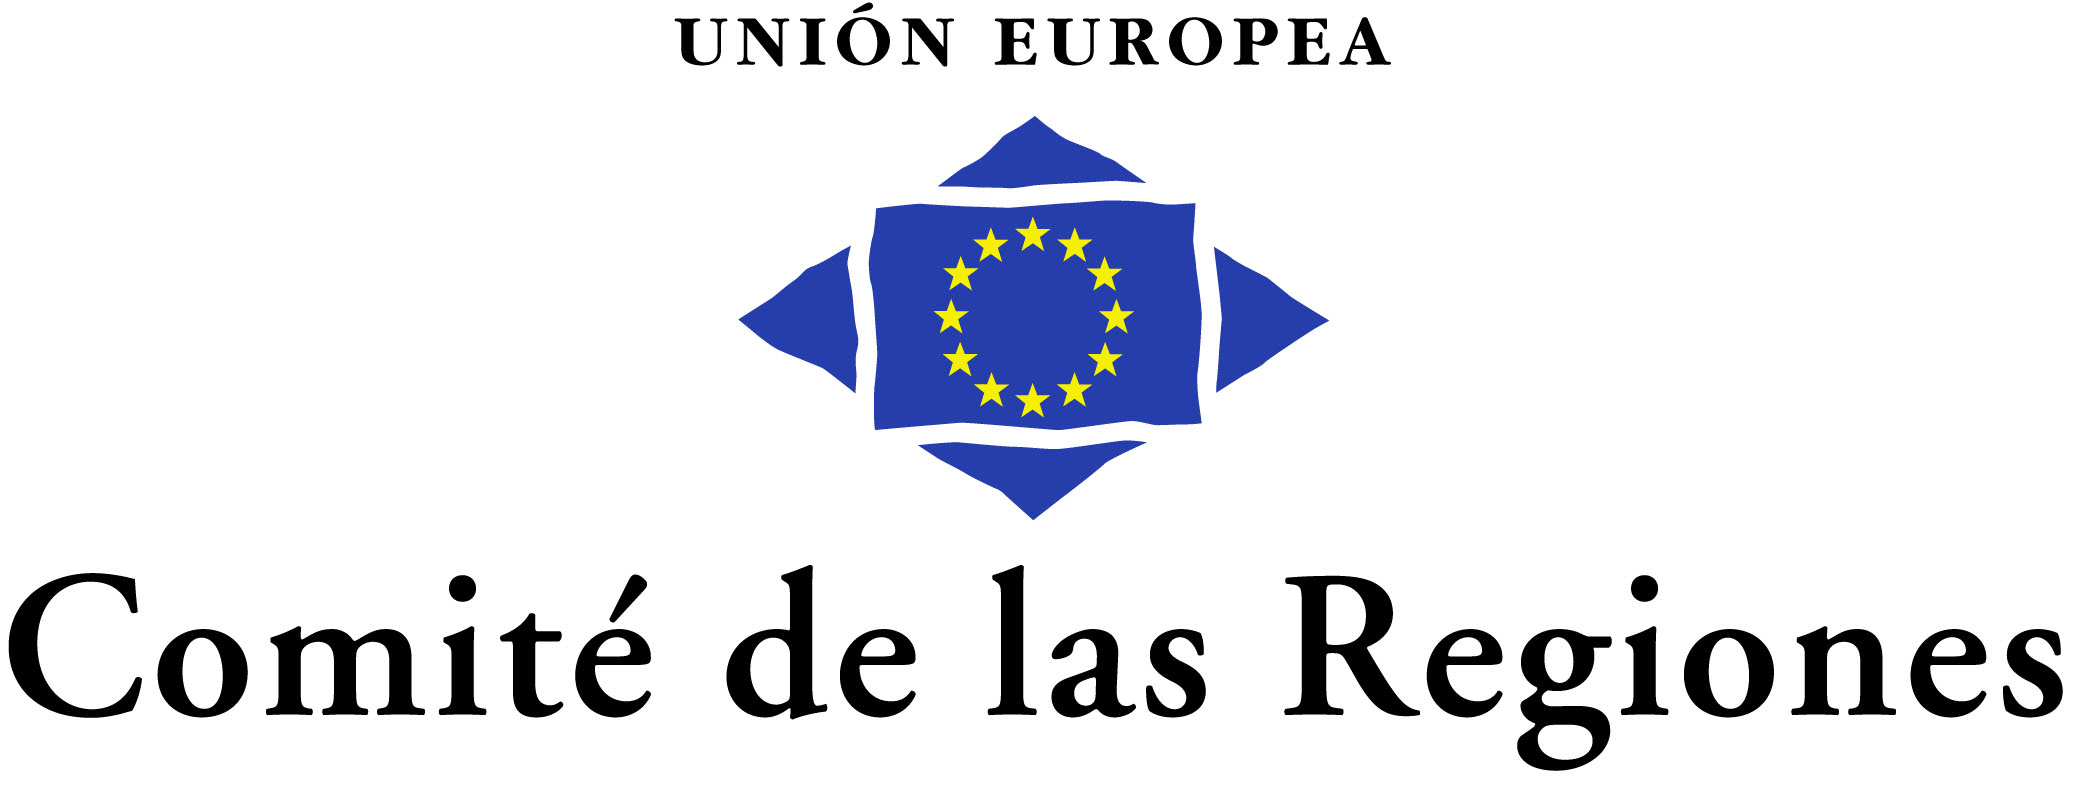 Comite de las regiones logo